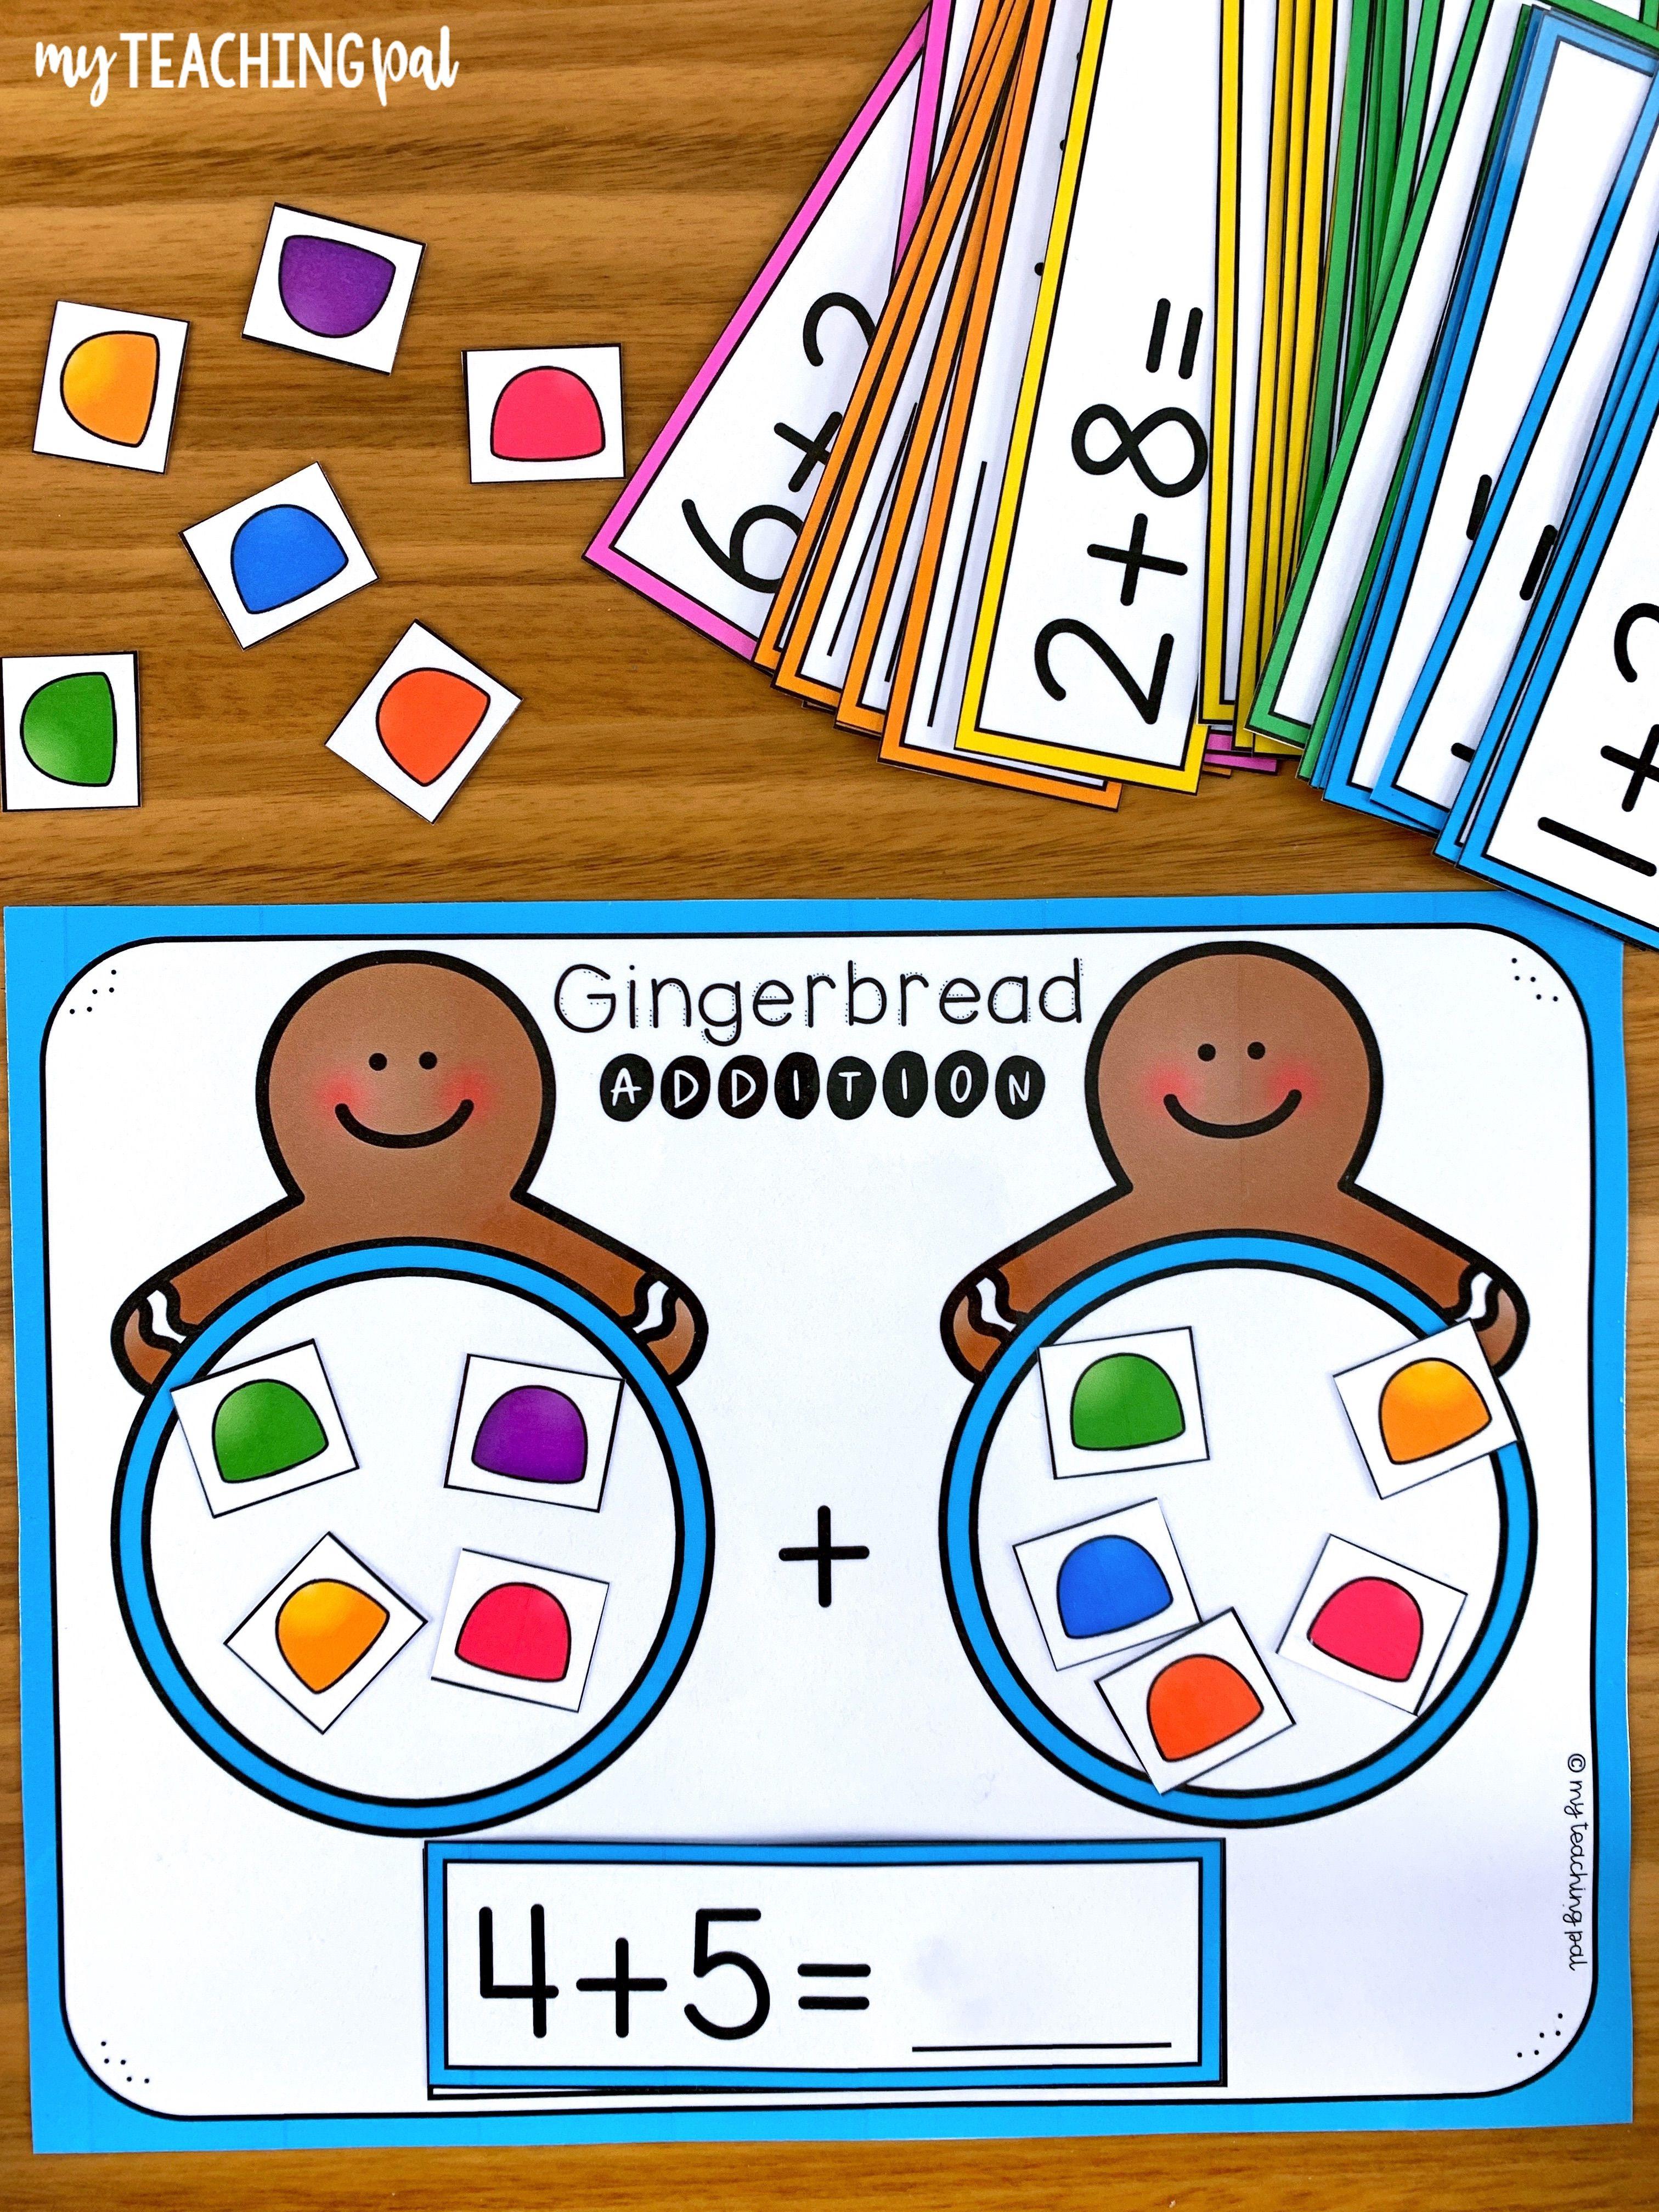 Gingerbread Activities For Kindergarten Literacy And Math Kindergarten Activities Kindergarten Literacy Gingerbread Activities [ 4032 x 3024 Pixel ]